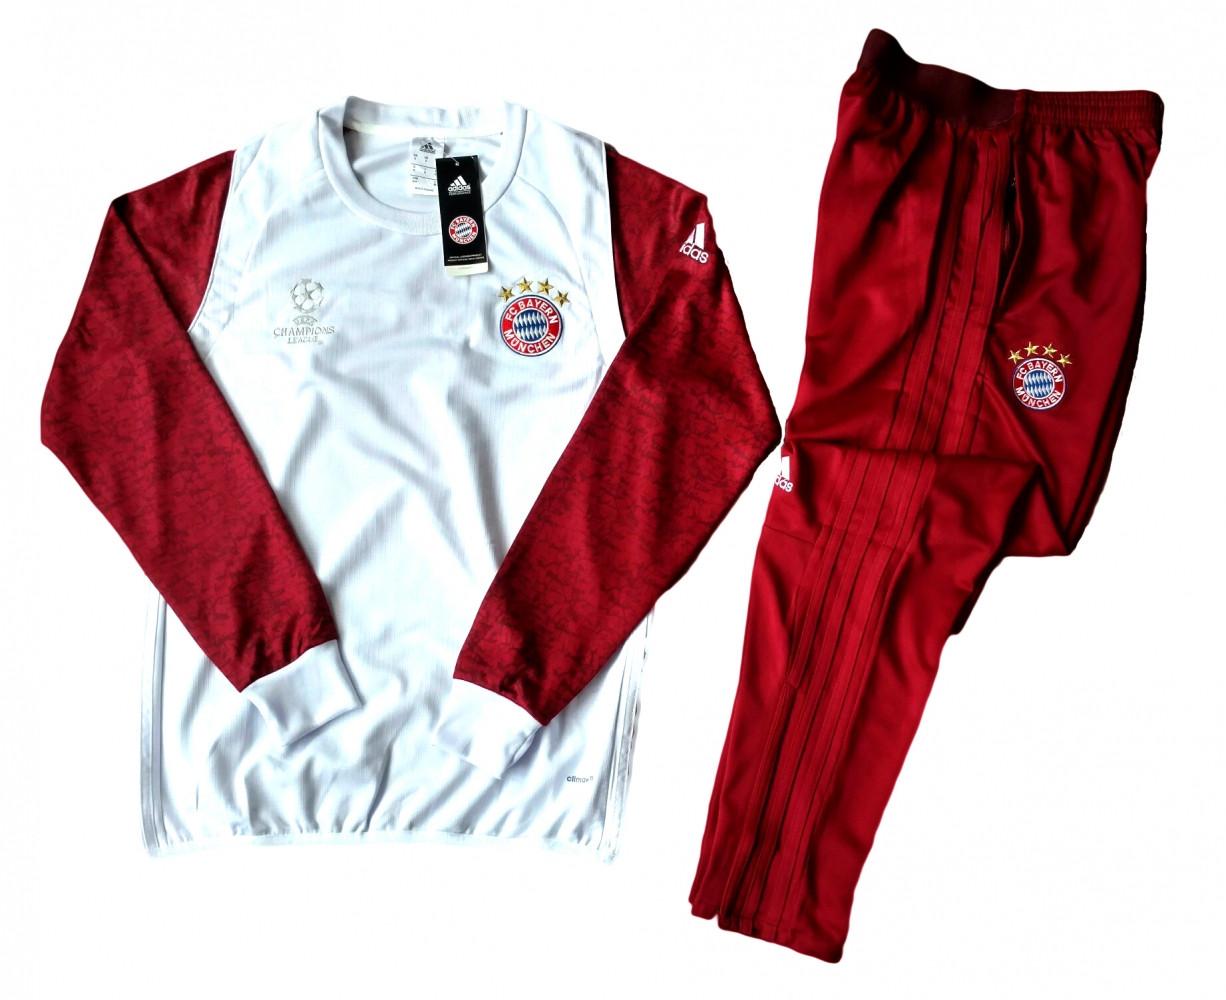 2363c4a69281 Спортивный костюм Adidas, Бавария. Футбольный, тренировочный. Сезон 16 17 -  Sport